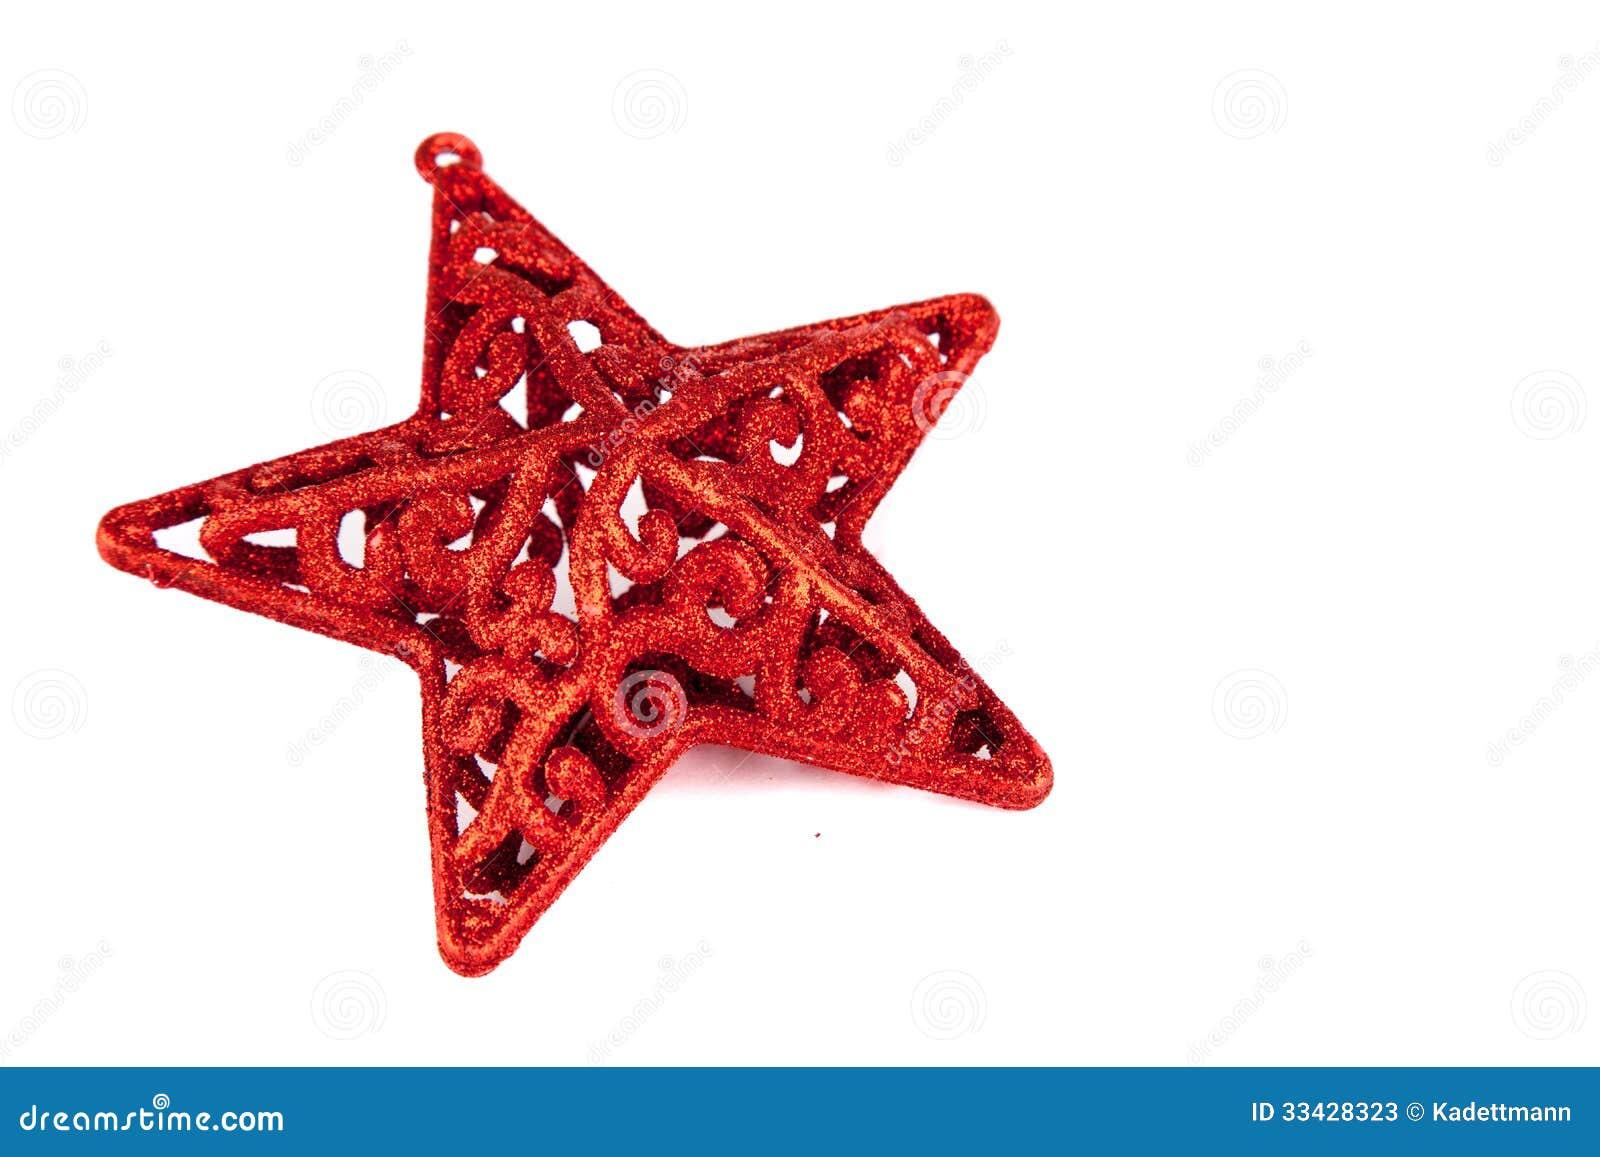 roter stern f r weihnachten stockbild bild 33428323. Black Bedroom Furniture Sets. Home Design Ideas